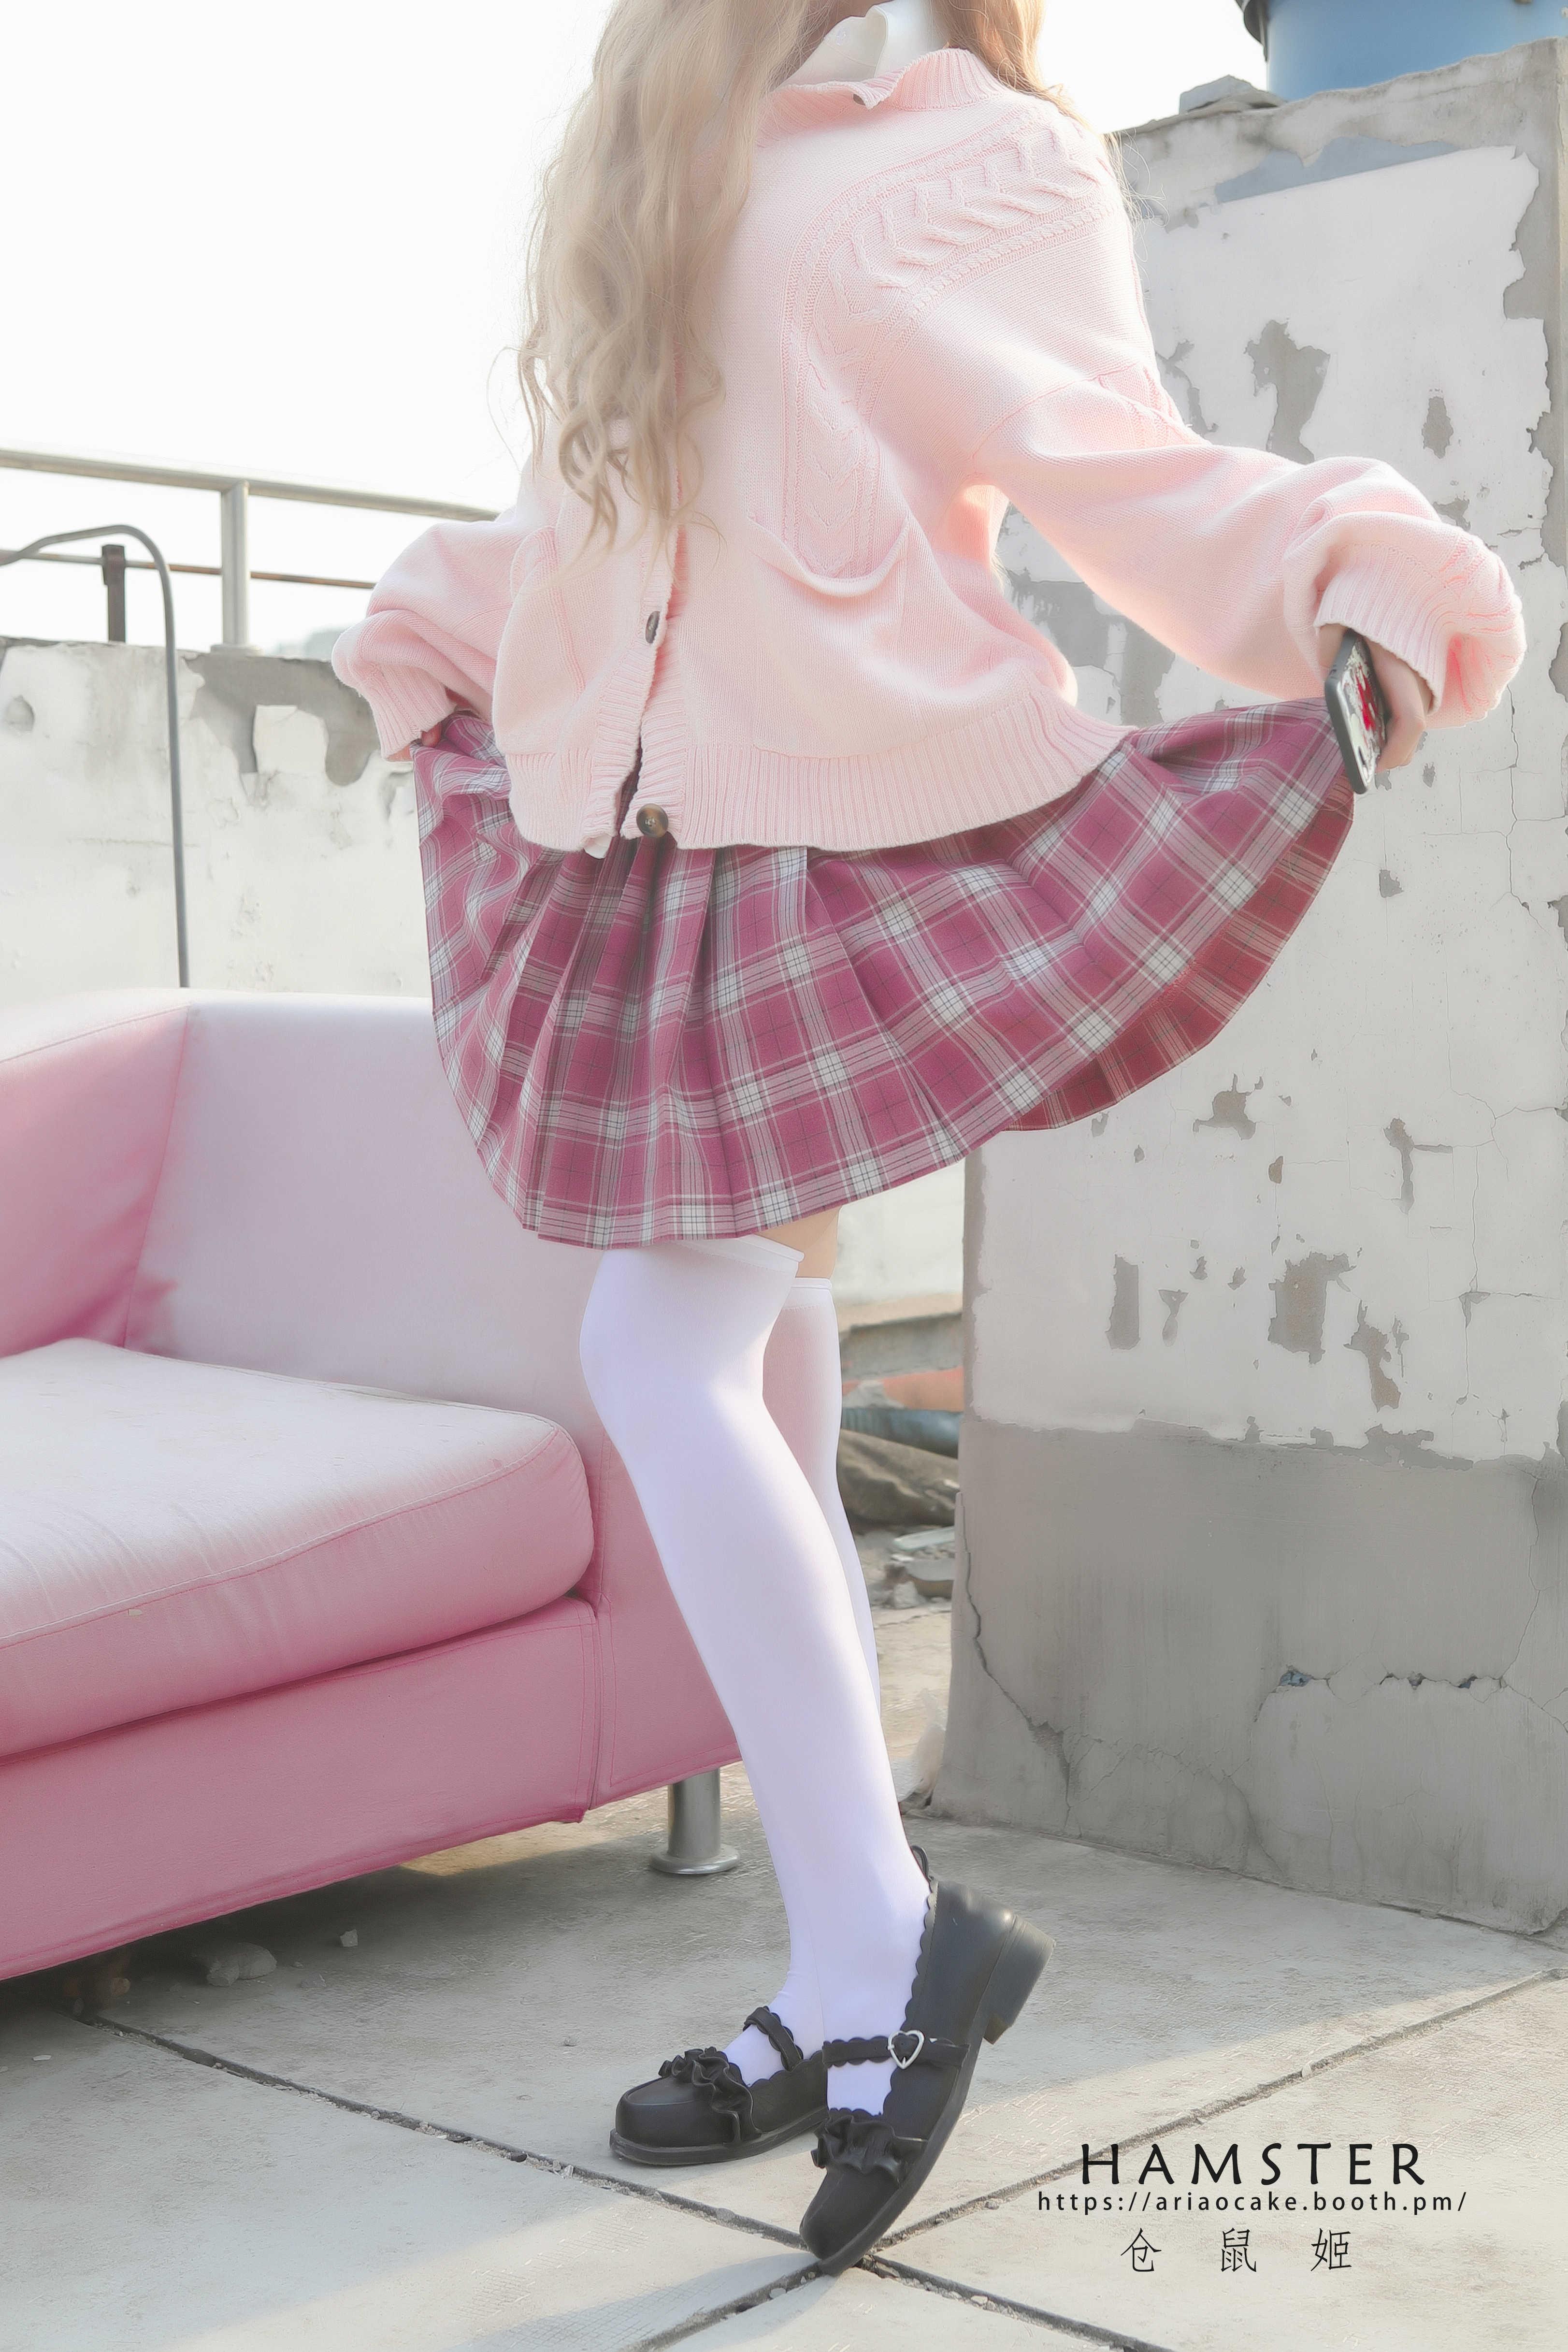 仓鼠姬甜蜜JK写真,粉色系甜到你不行